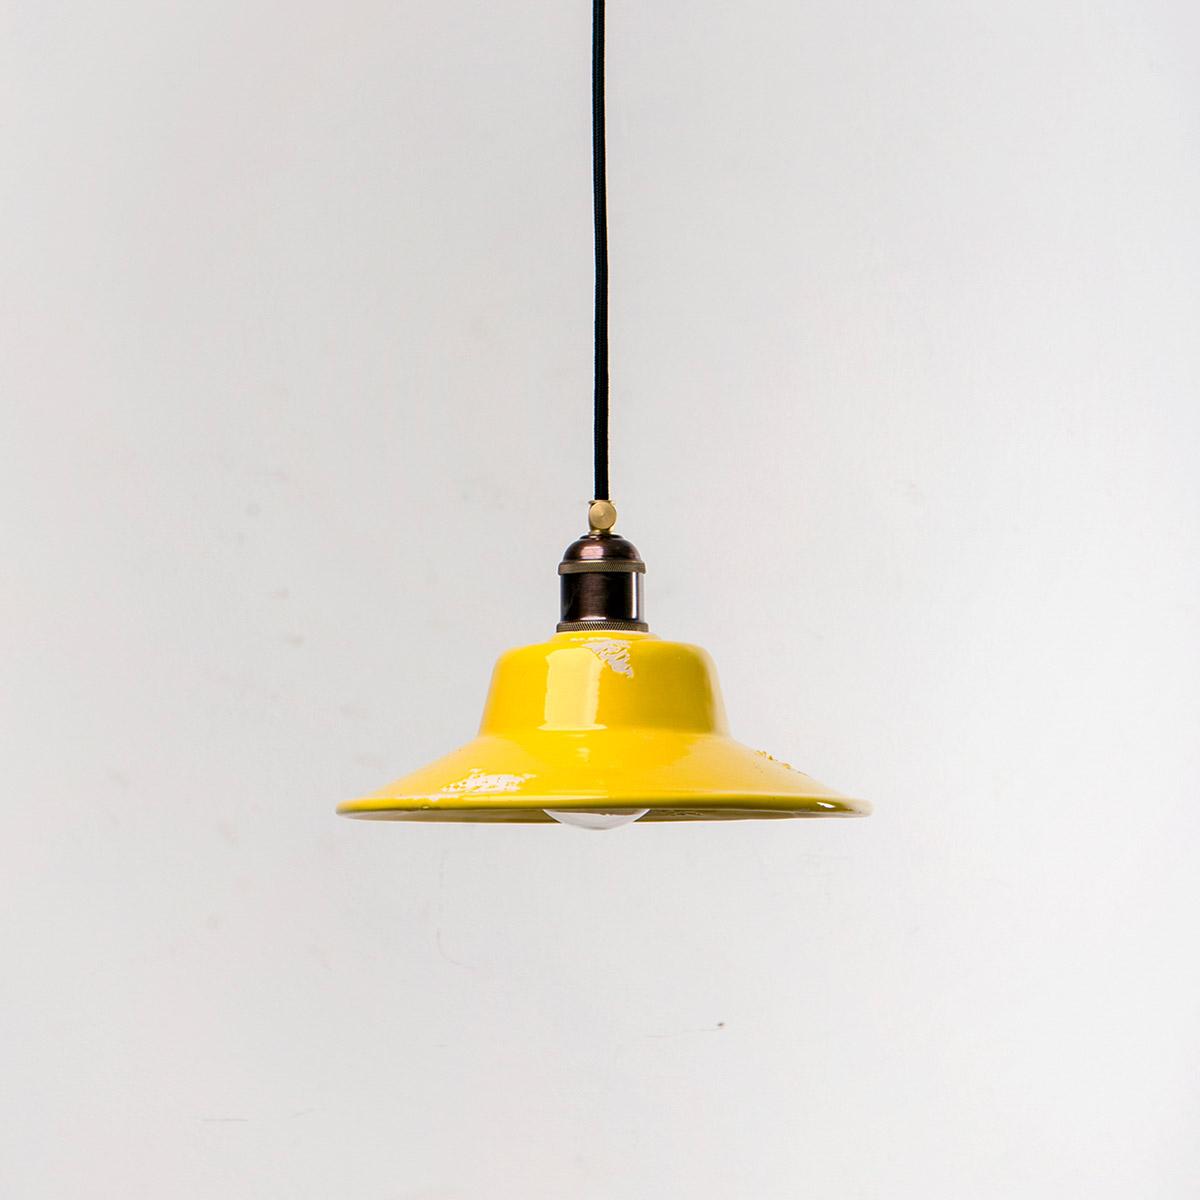 Потолочный светильник 4256 керамический желтый